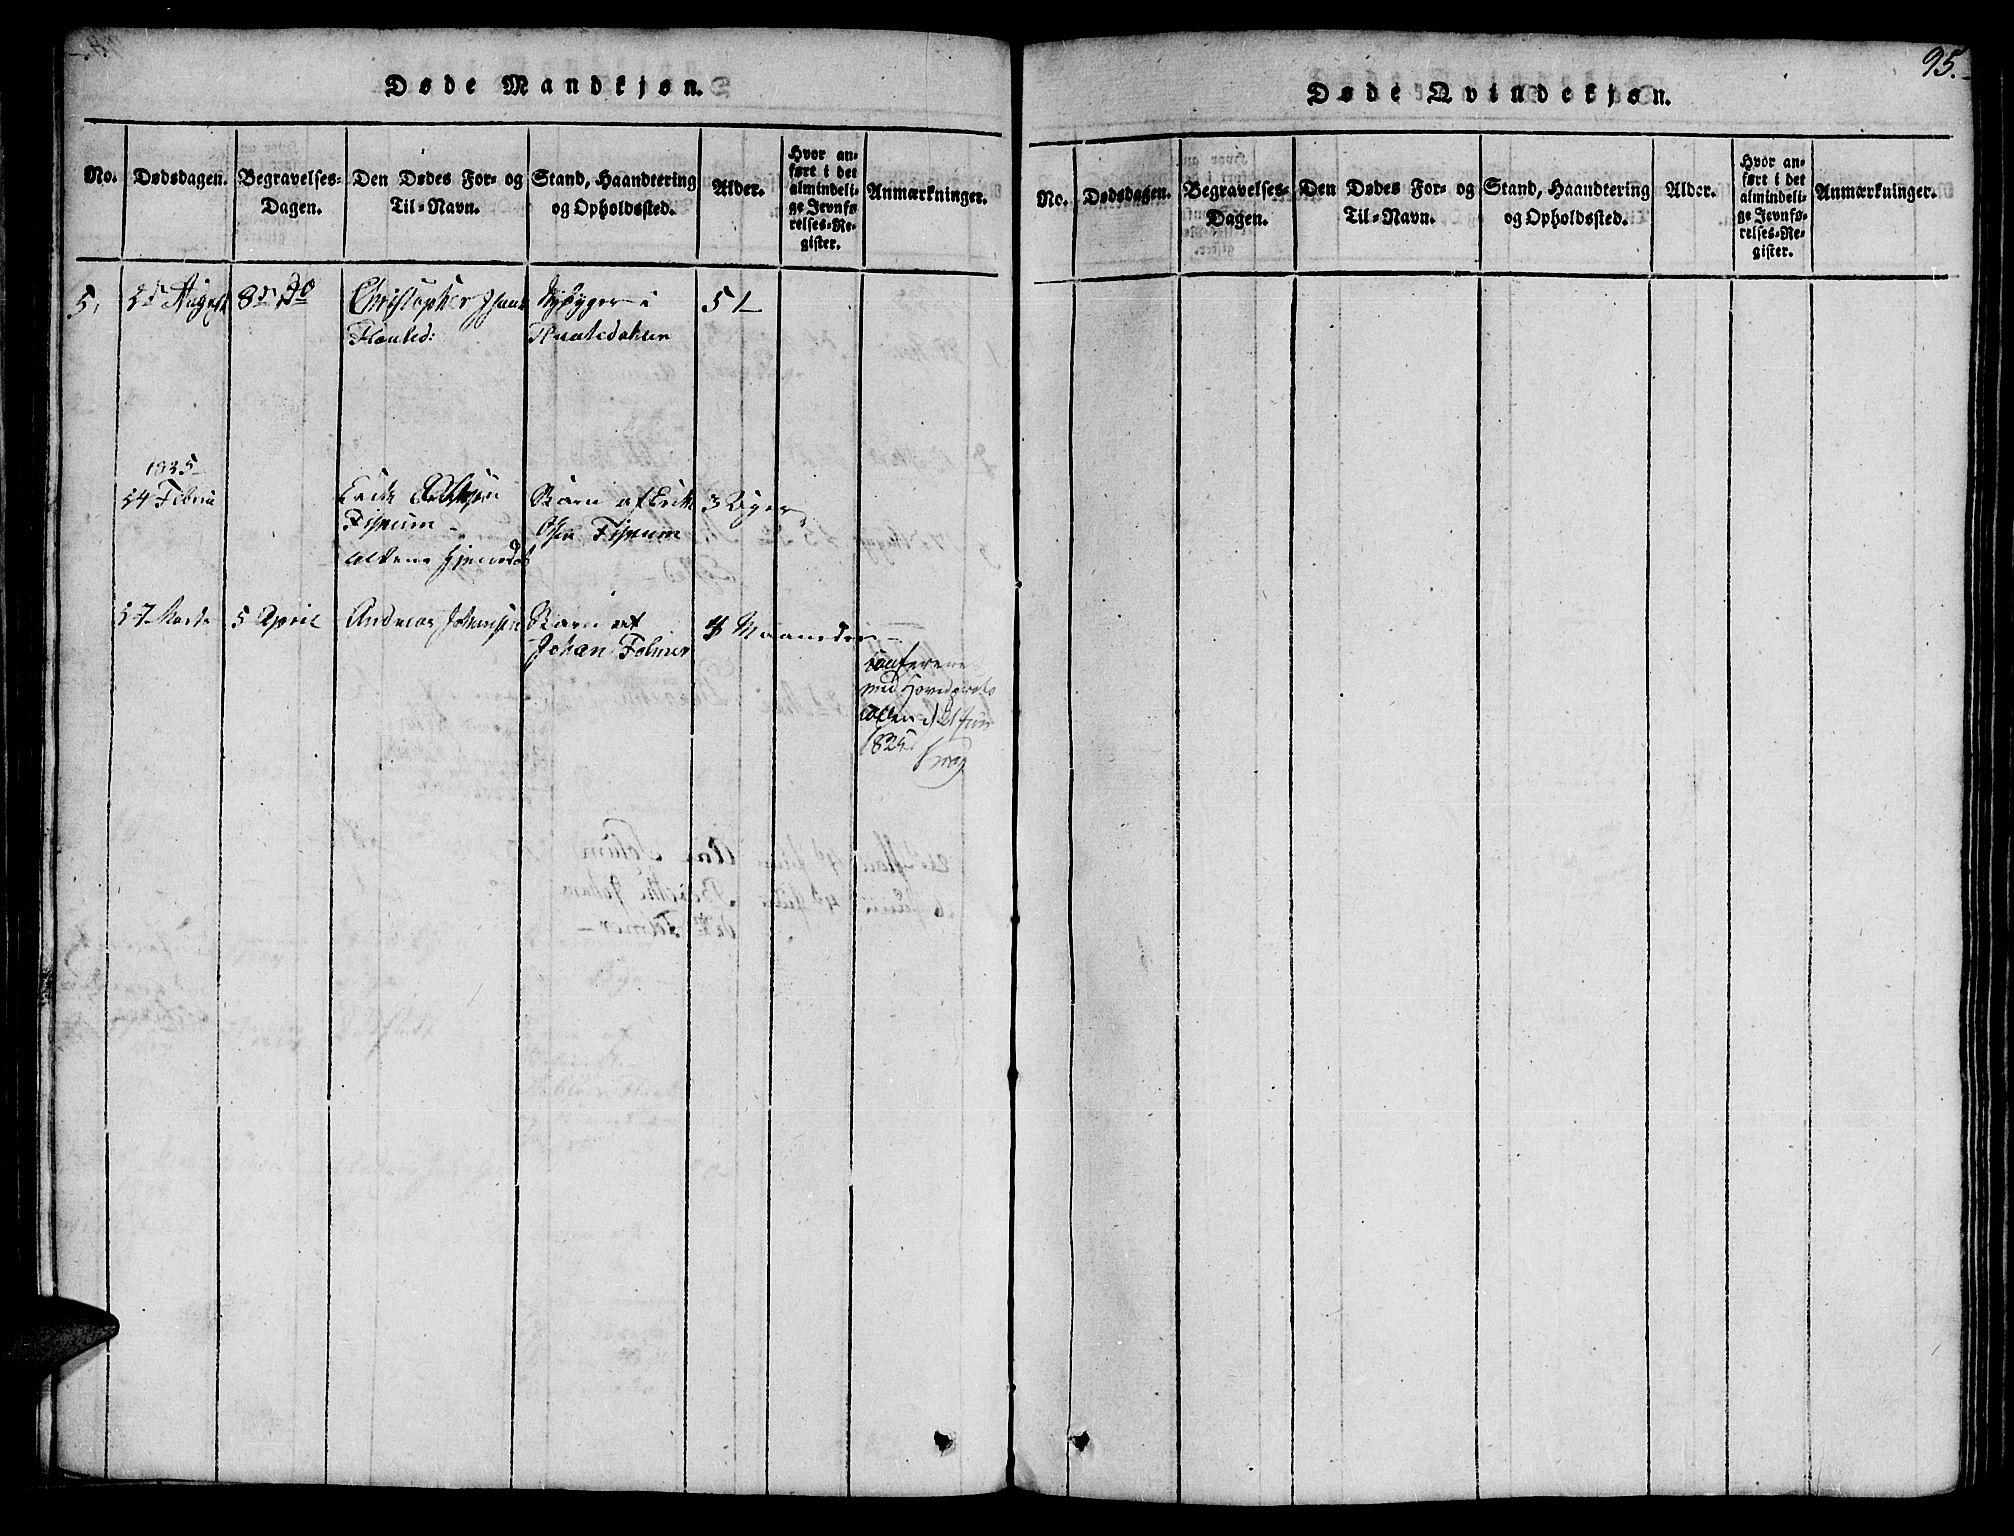 SAT, Ministerialprotokoller, klokkerbøker og fødselsregistre - Nord-Trøndelag, 759/L0527: Klokkerbok nr. 759C01 /1, 1816-1825, s. 95